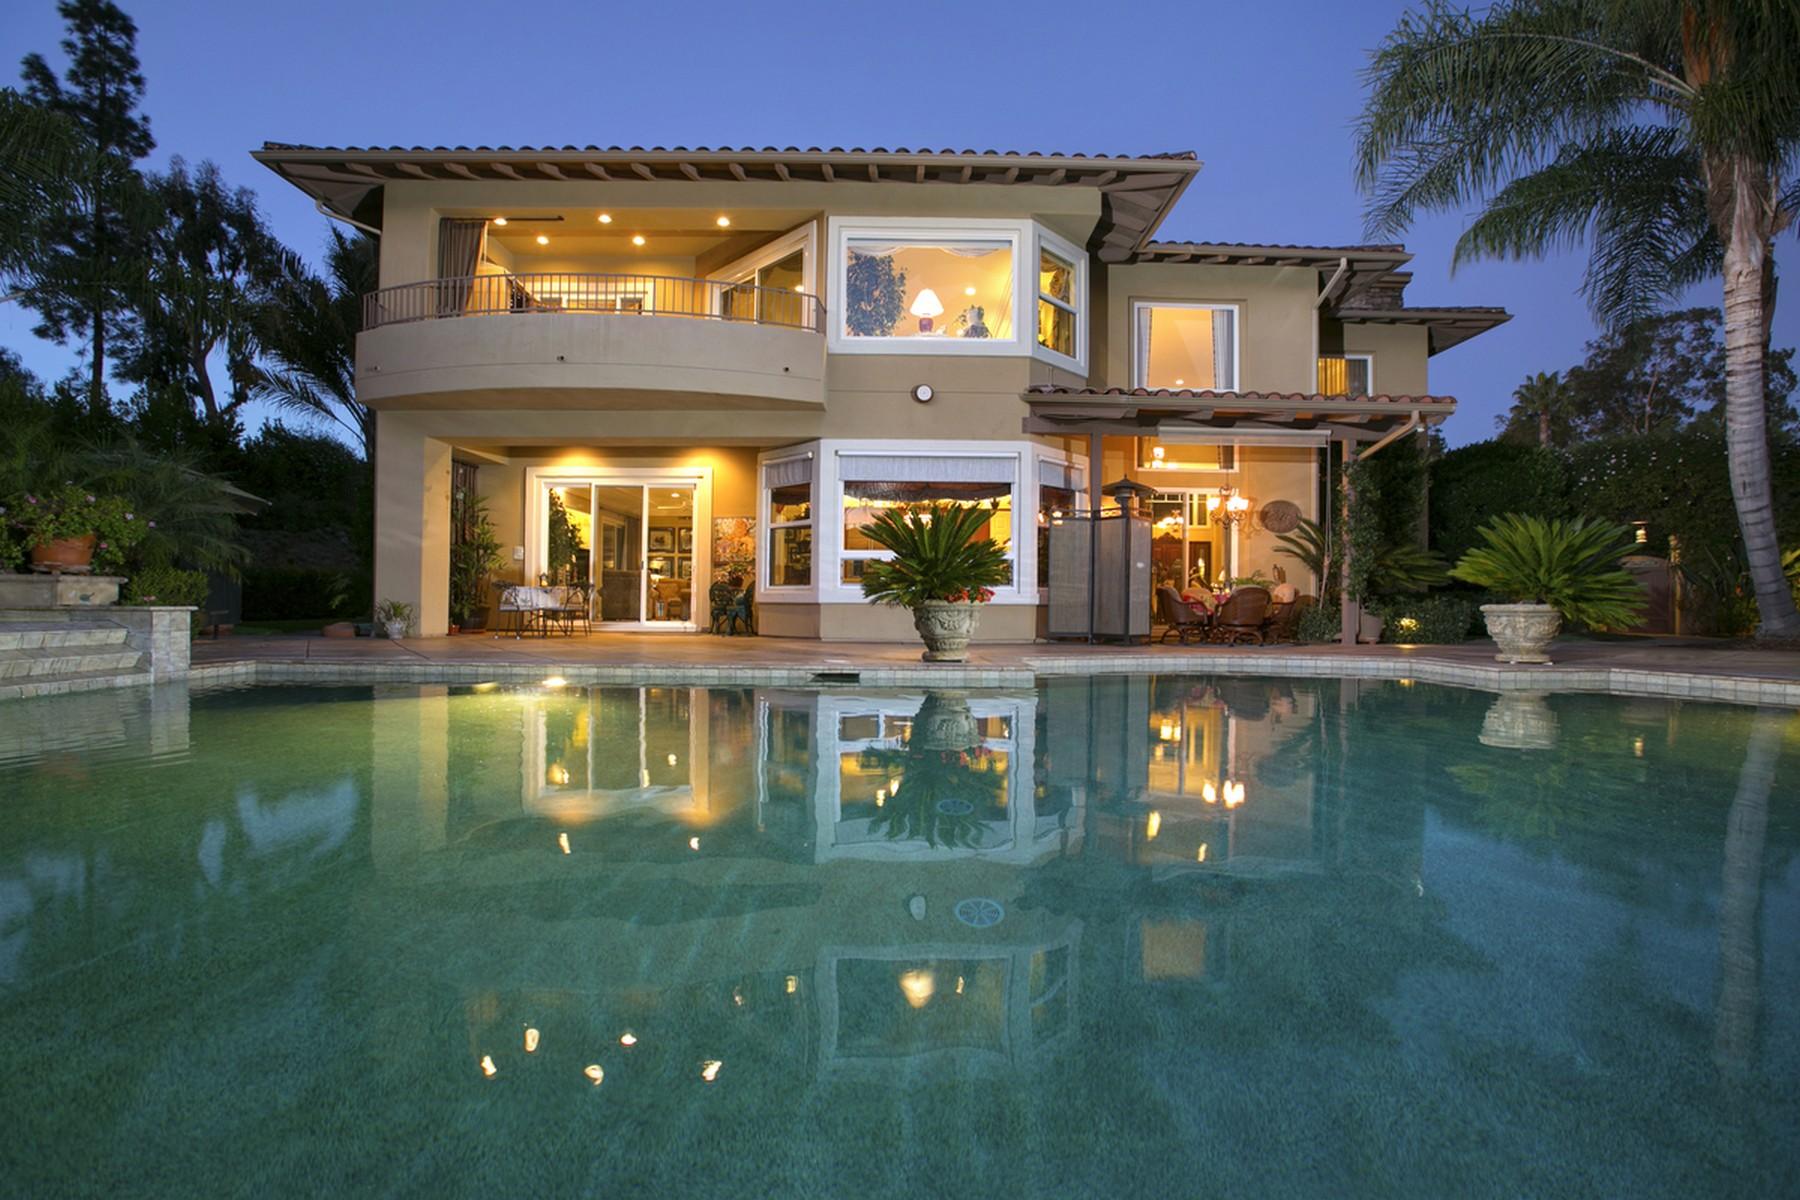 独户住宅 为 销售 在 7344 Noche Tapatia Rancho Santa Fe, 加利福尼亚州 92067 美国